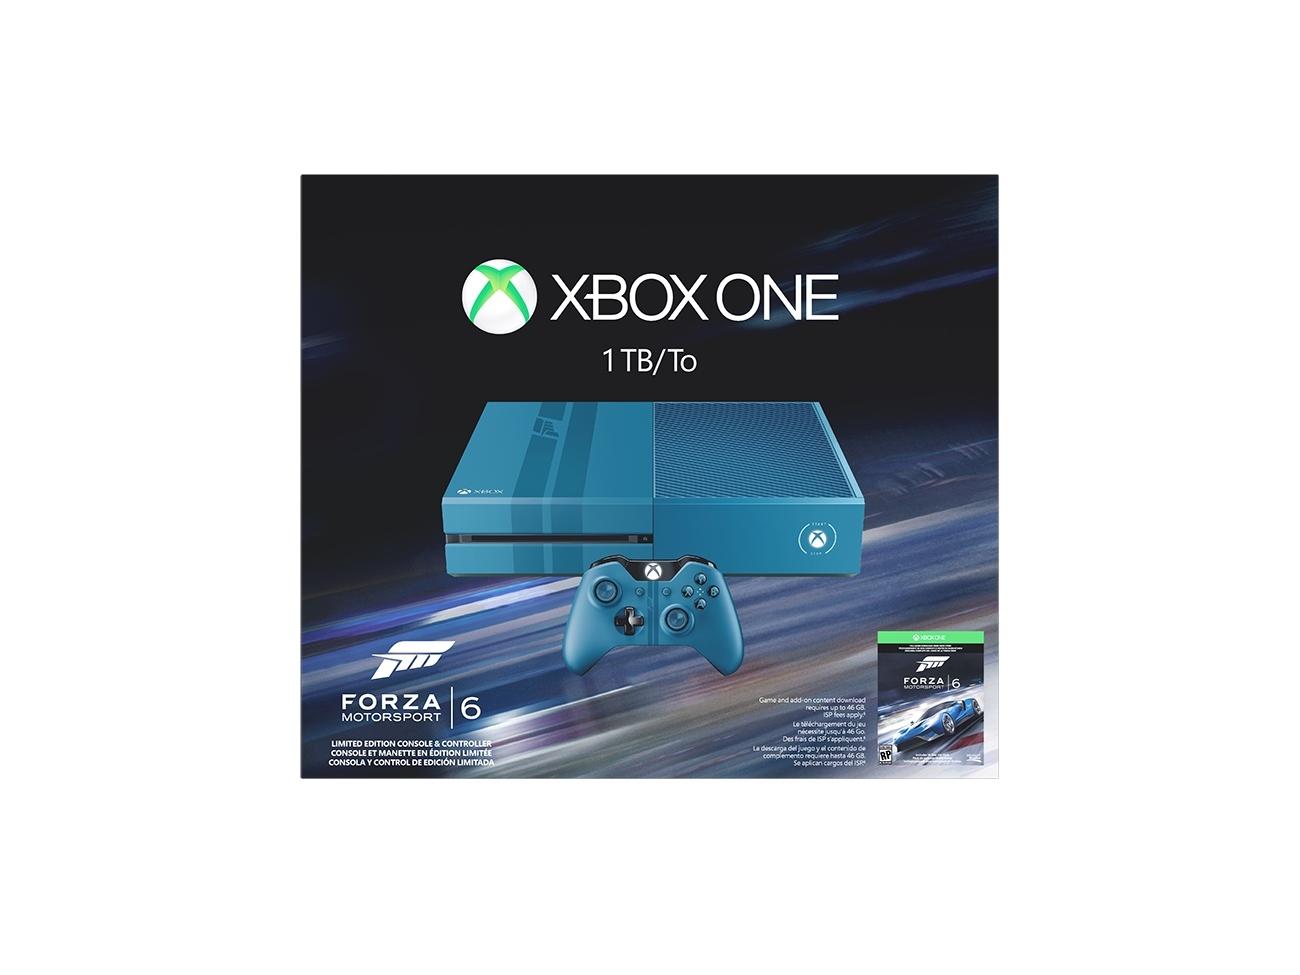 Limitovaná Xbox One edice s hrou Forza 6 110812